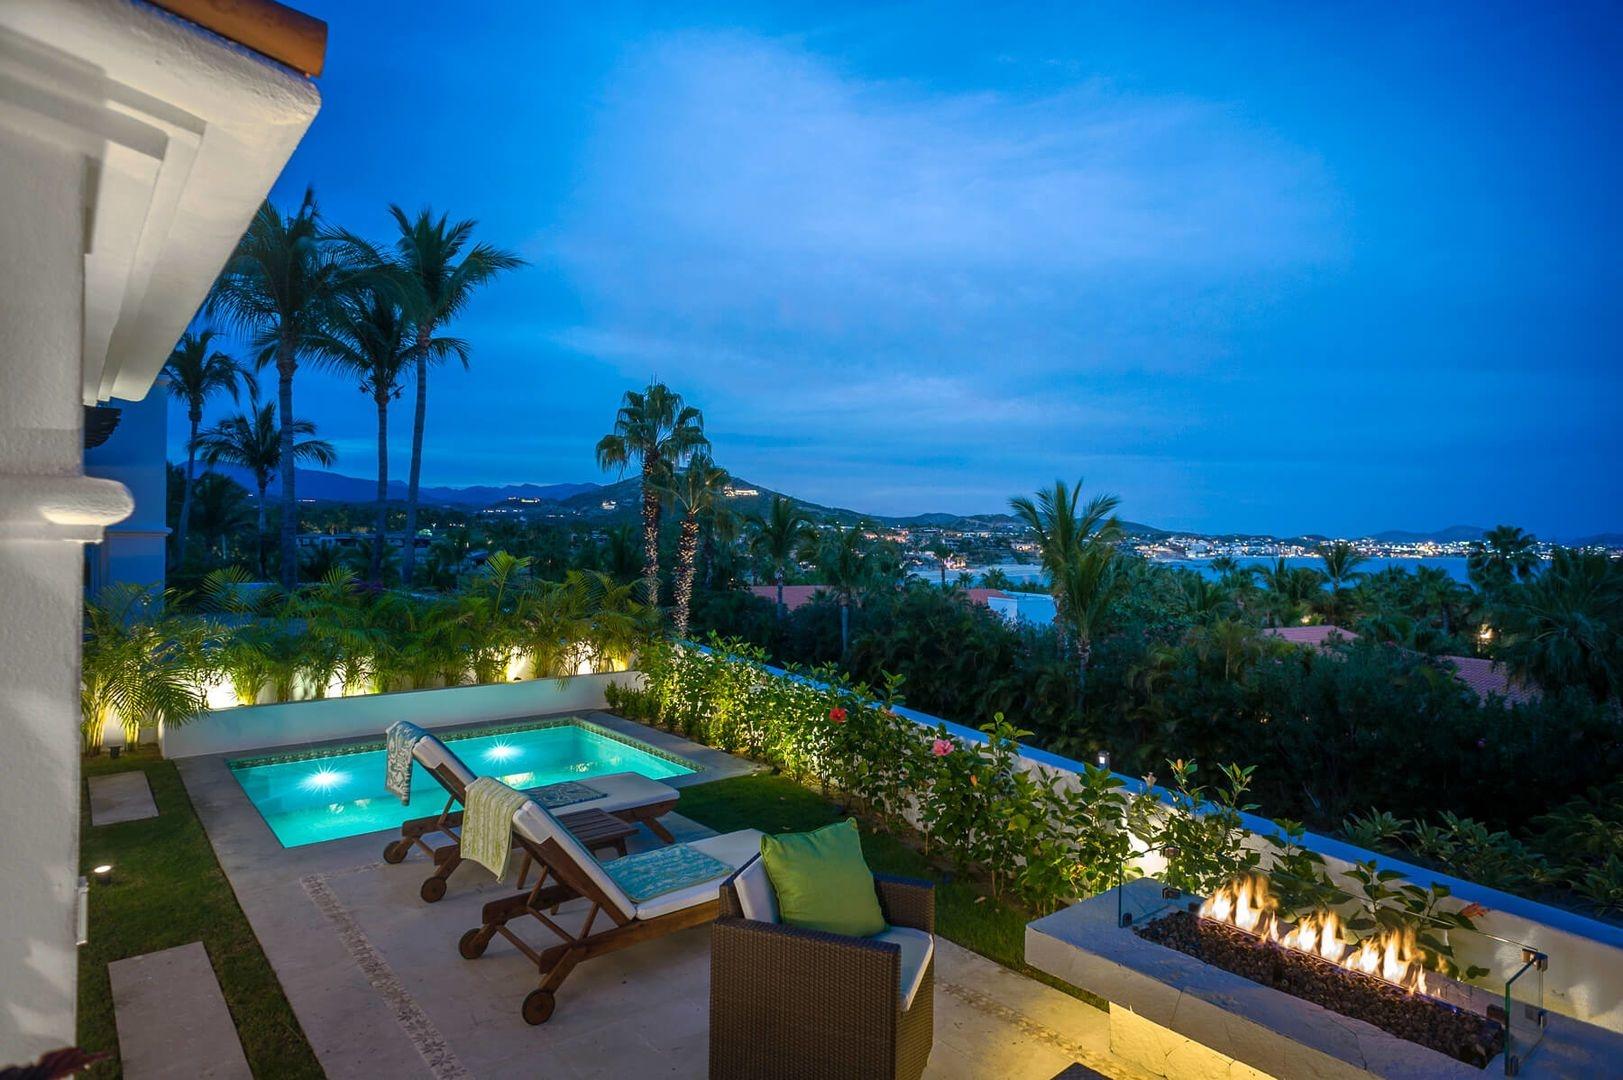 Luxury vacation rentals mexico - Los cabos - Palmilla - Villas montana - Palmilla Hideaway - Image 1/21